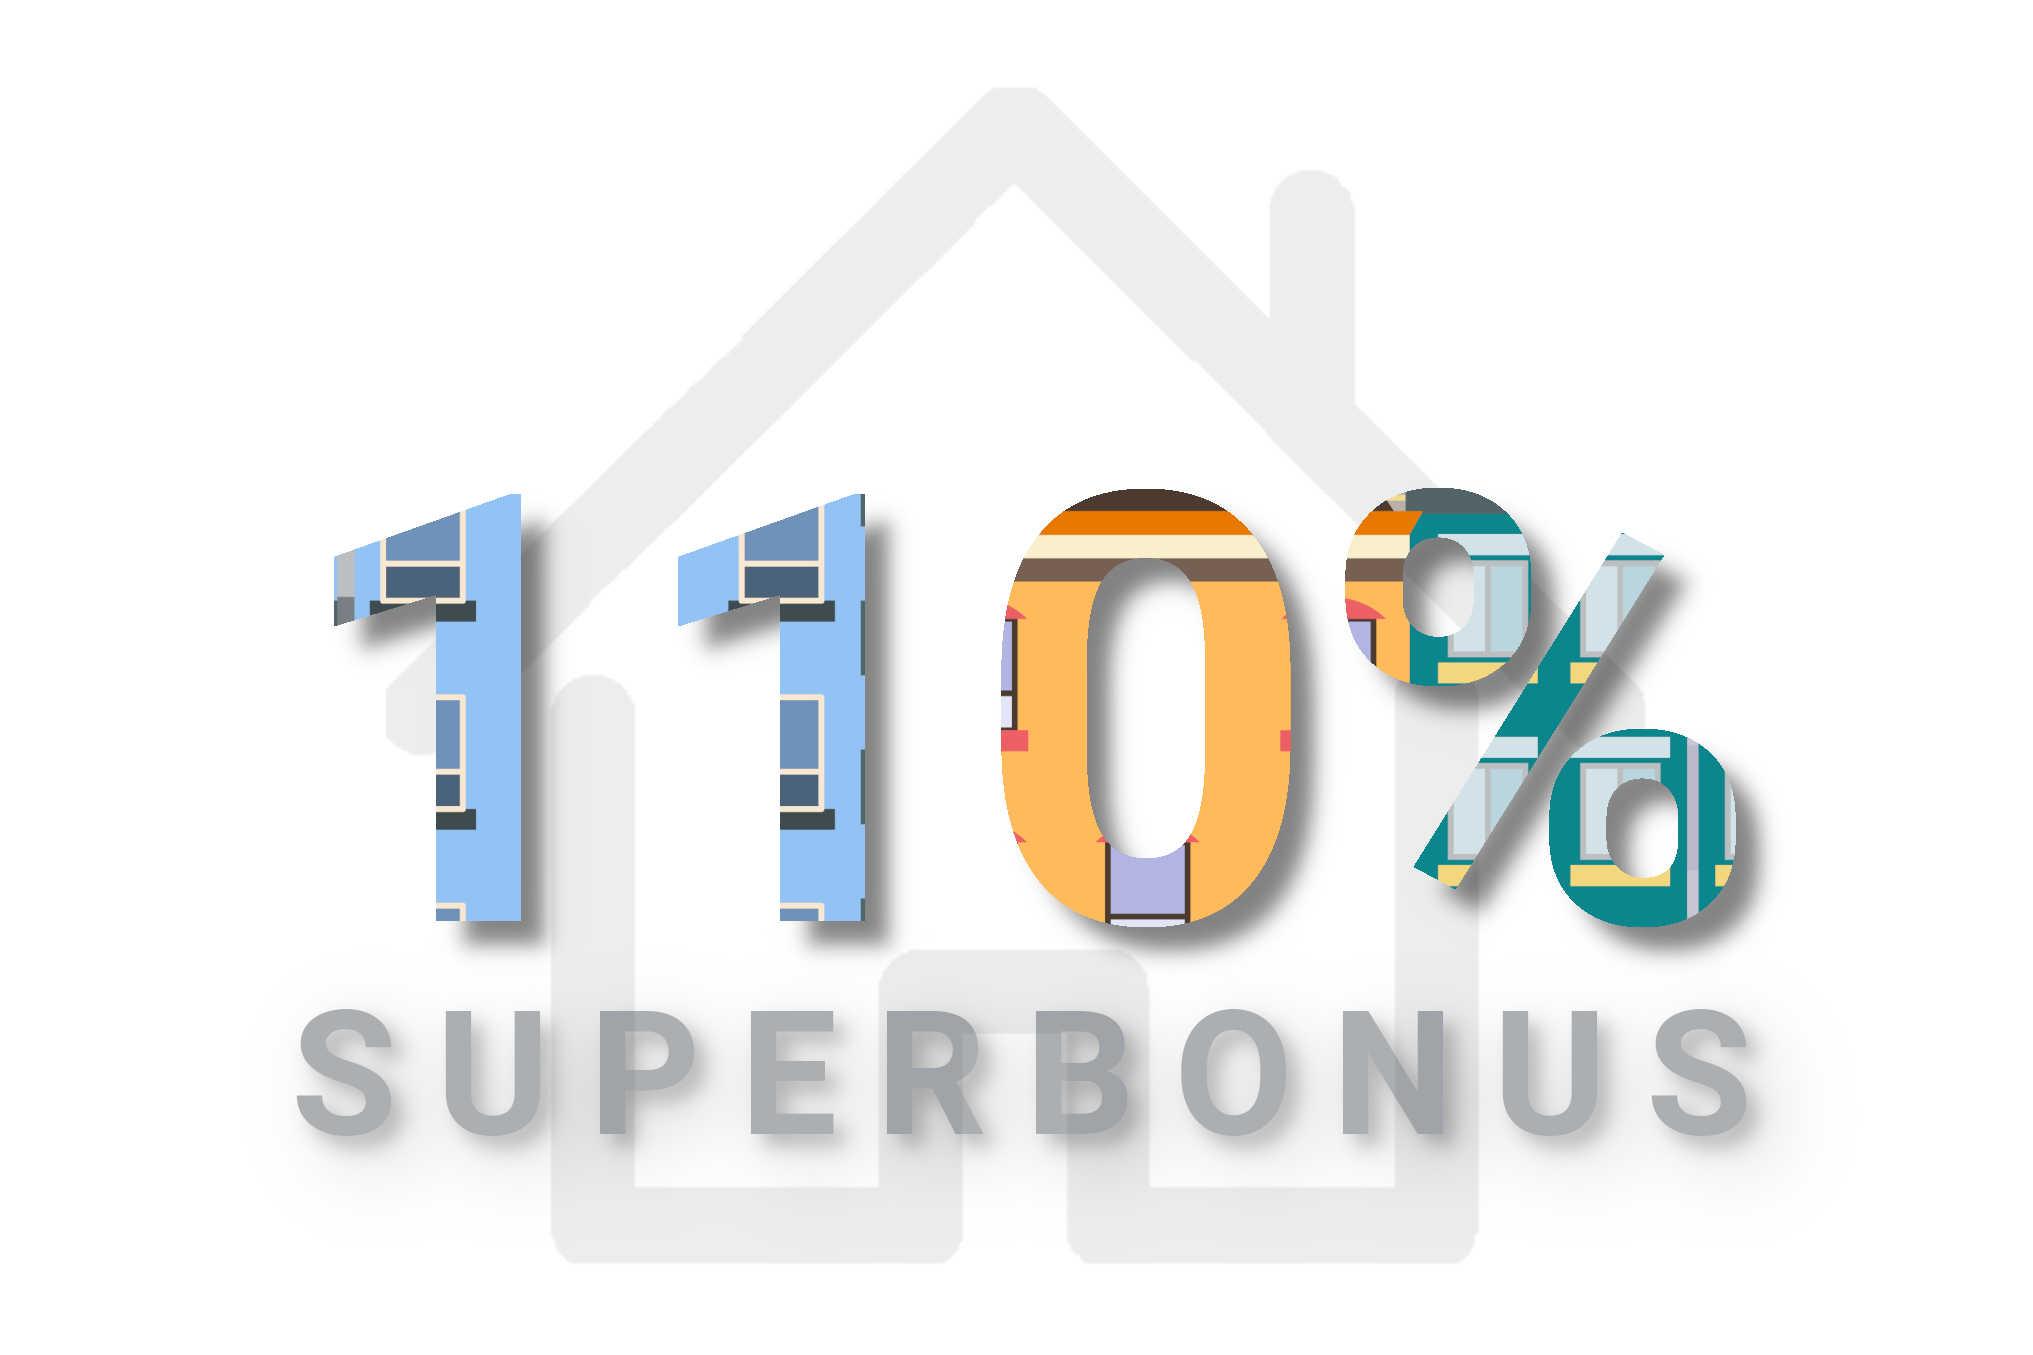 informazioni sul superbonus 110, cessione del credito e sconto in fattura